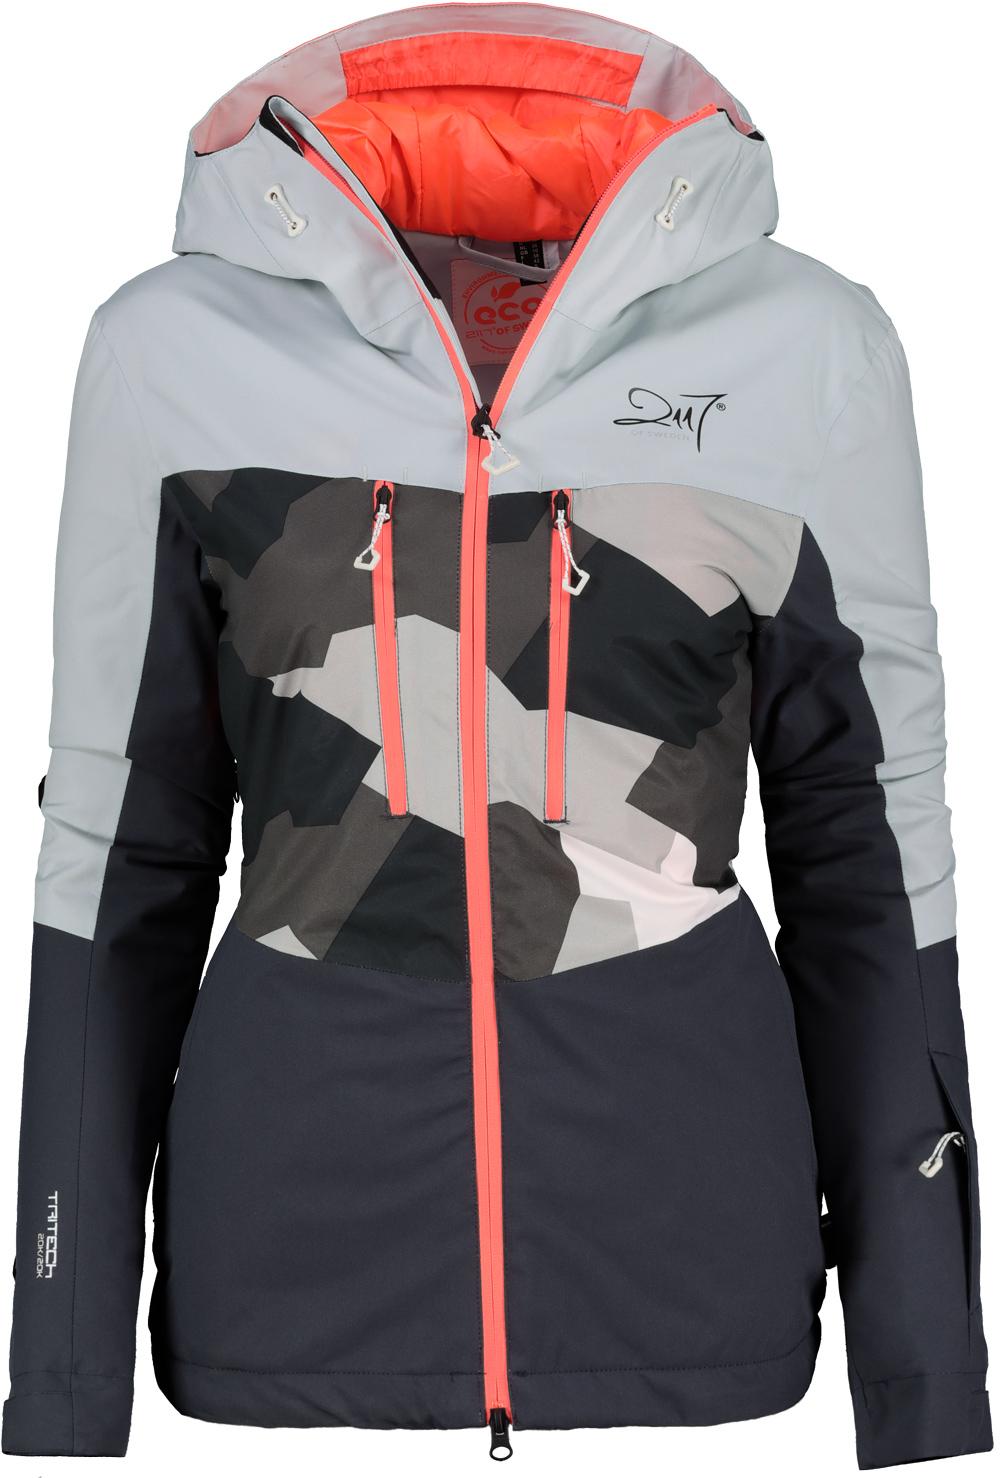 Bunda ECO lyžiarská dámska 2117 LUDVIKA